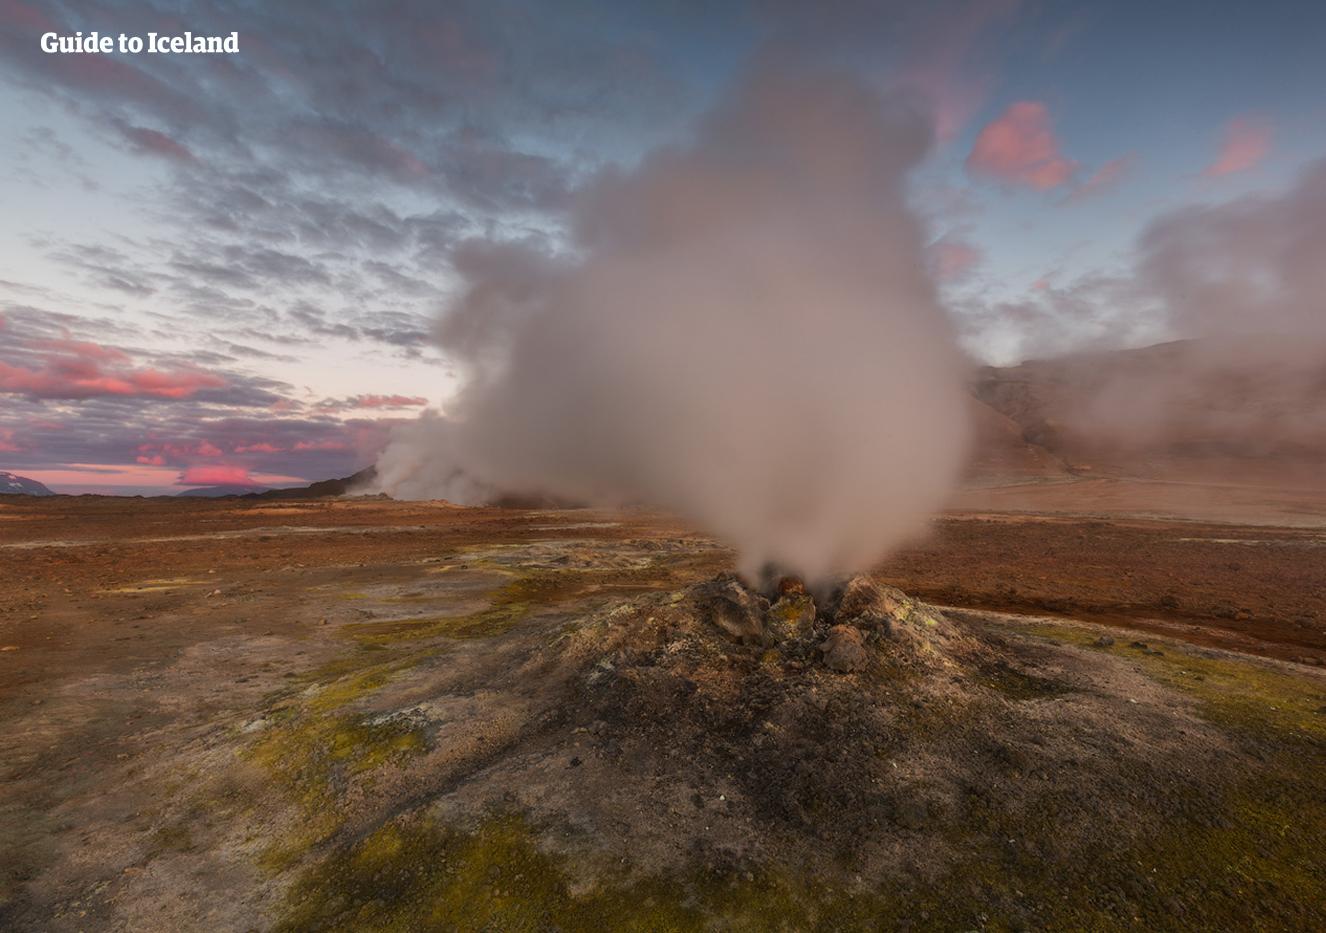 冰岛北部米湖地区的Námaskarð地热区蒸汽升腾,是冰岛冬日冰封大地上的震撼奇观